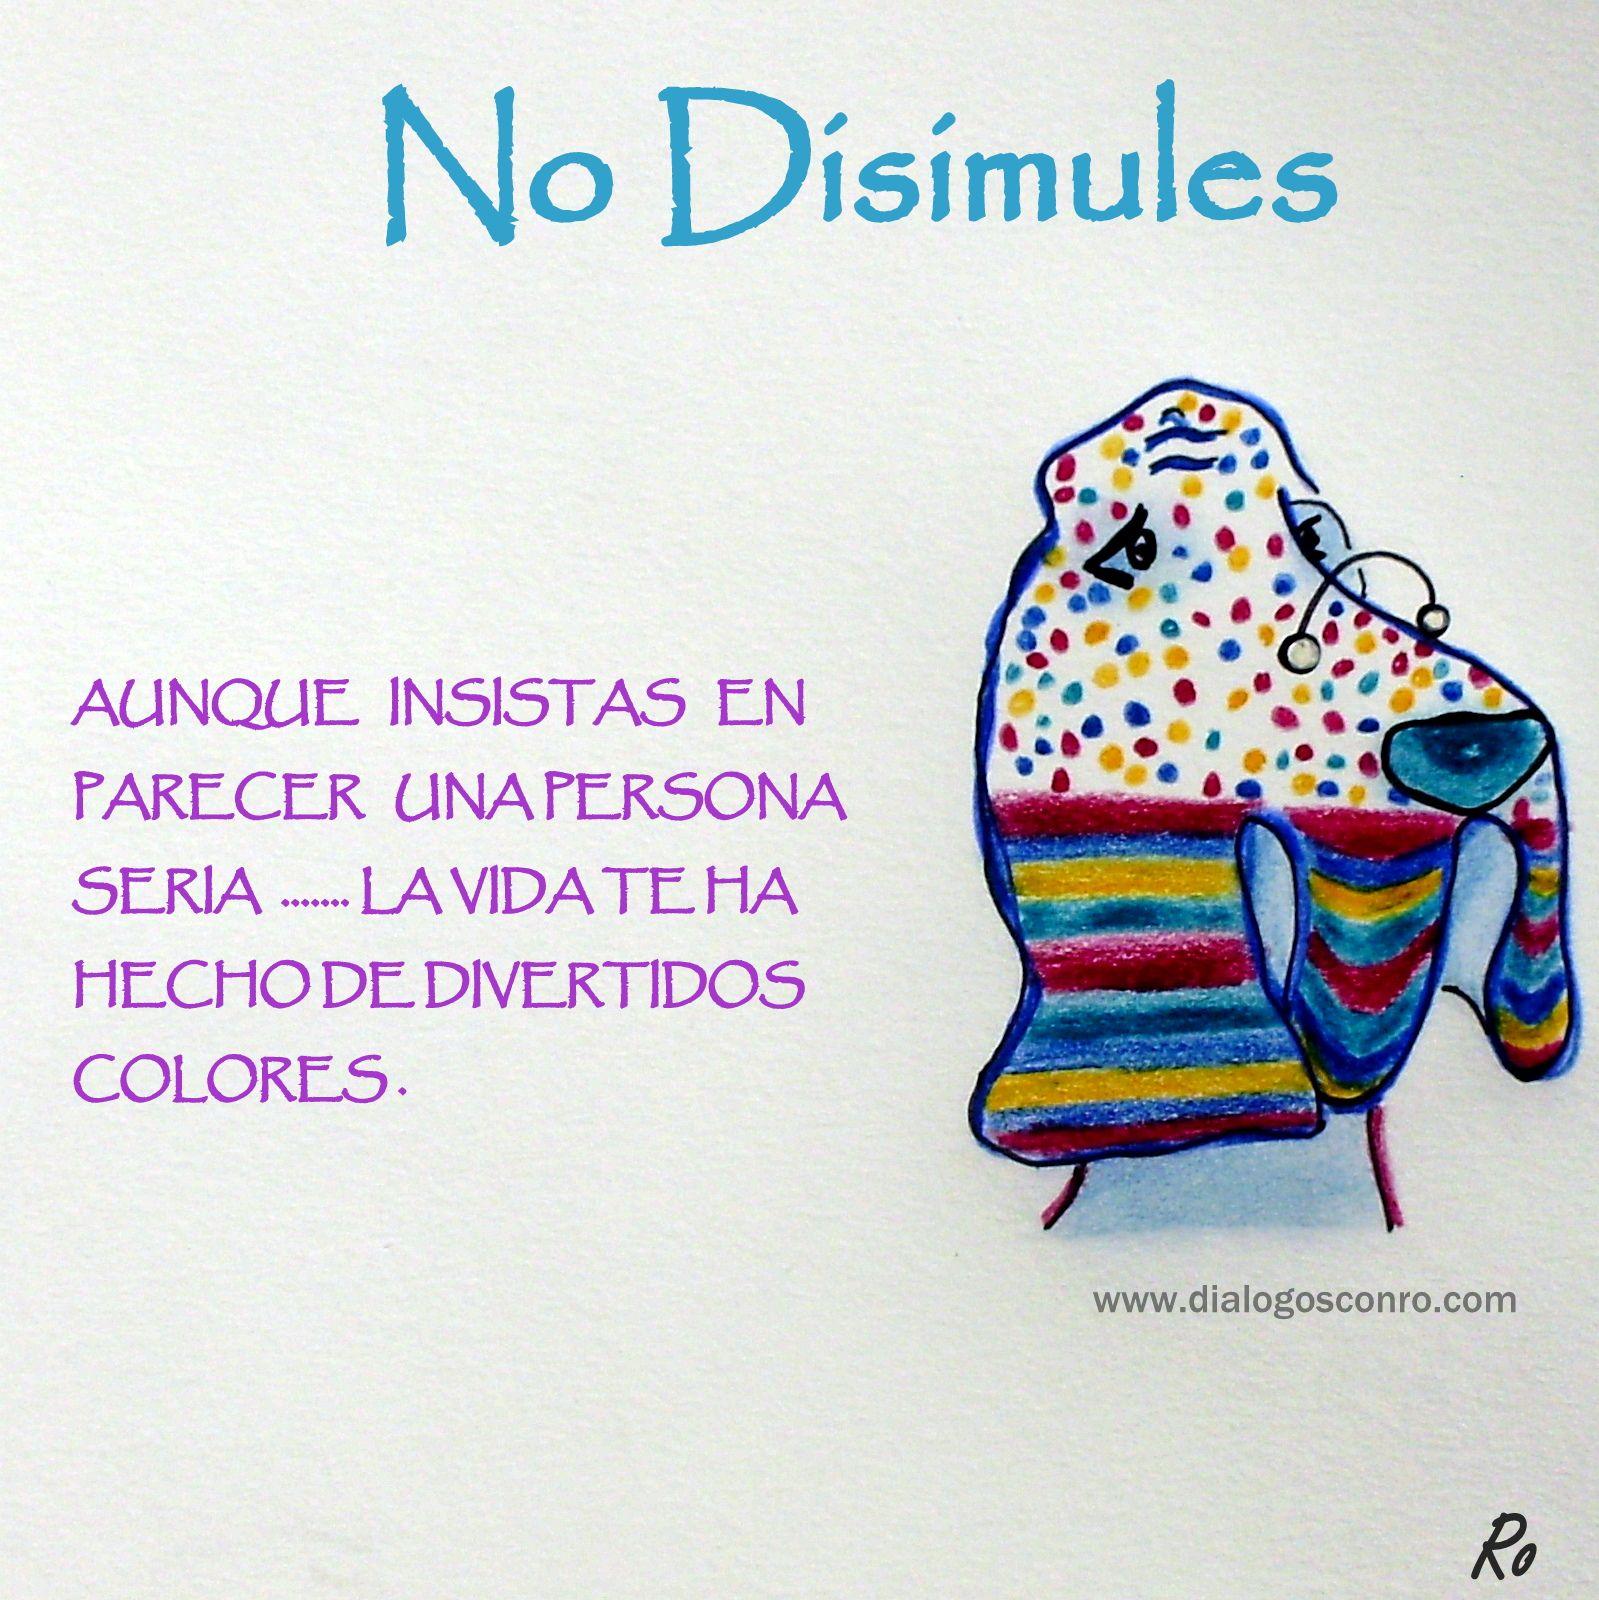 No disimules, la vida te ha hecho de divertidos colores. www.dialogosconro.com